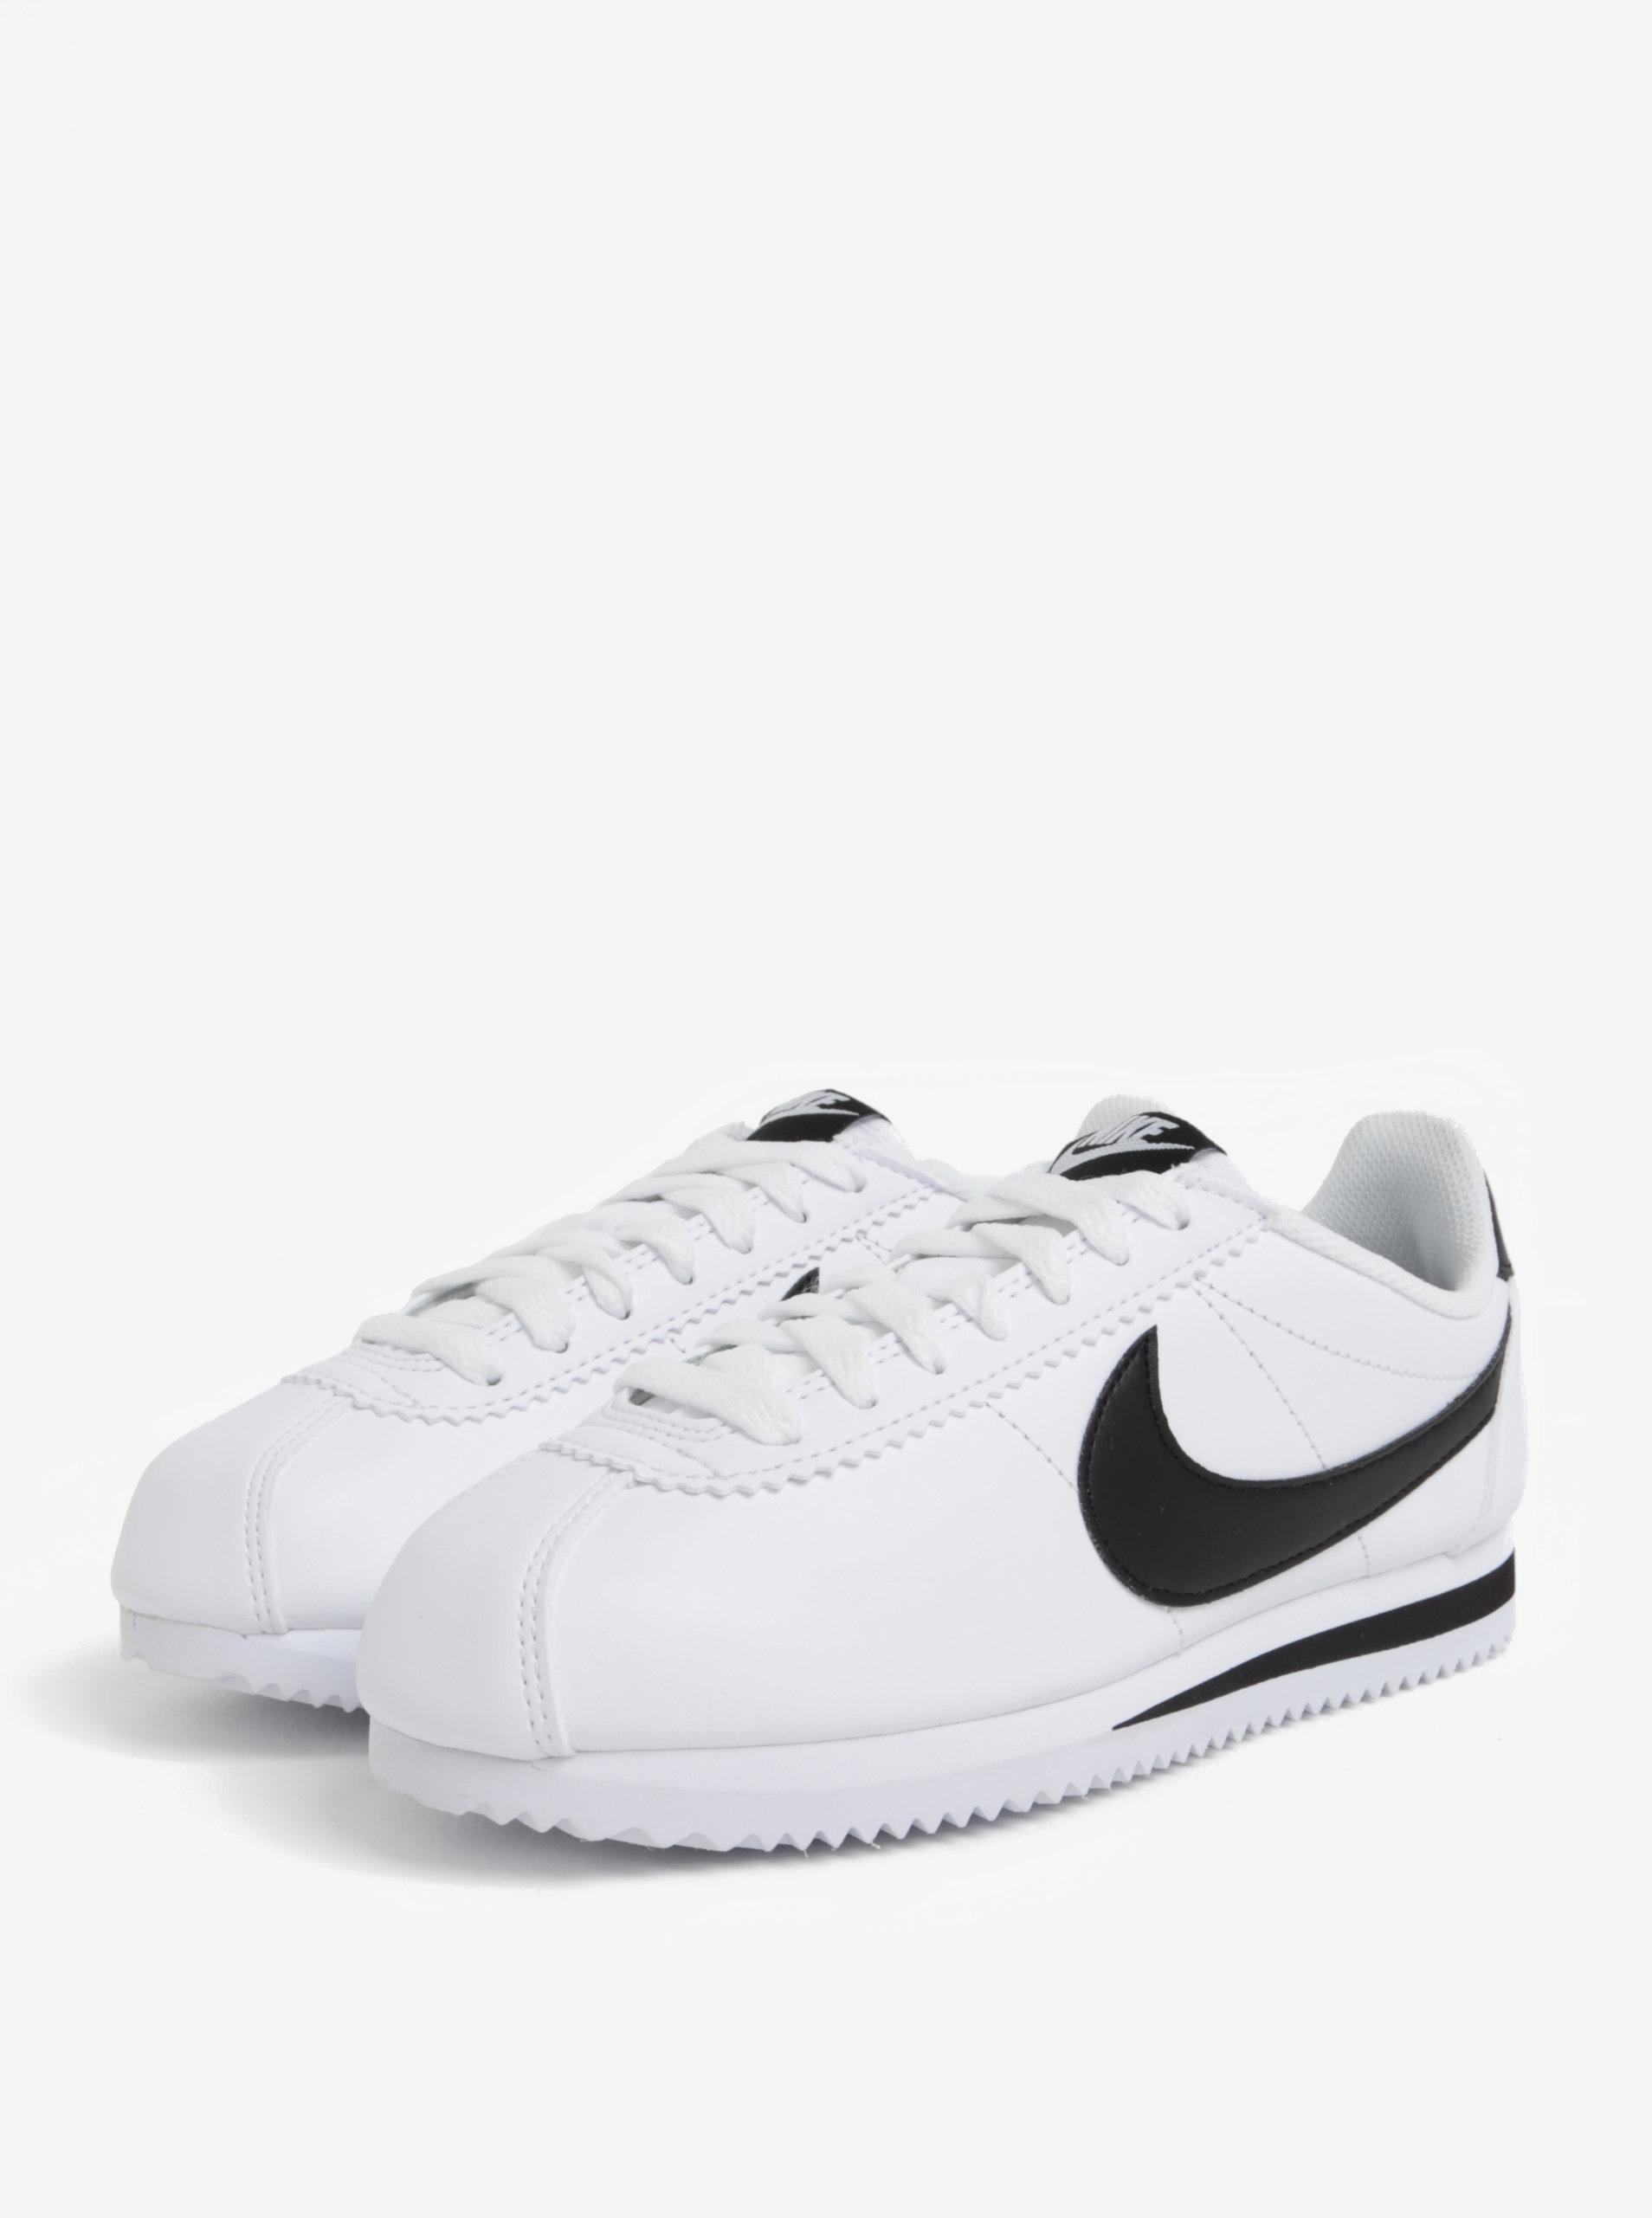 9194db093f3 Černo-bílé dámské tenisky Nike Classic Cortez ...